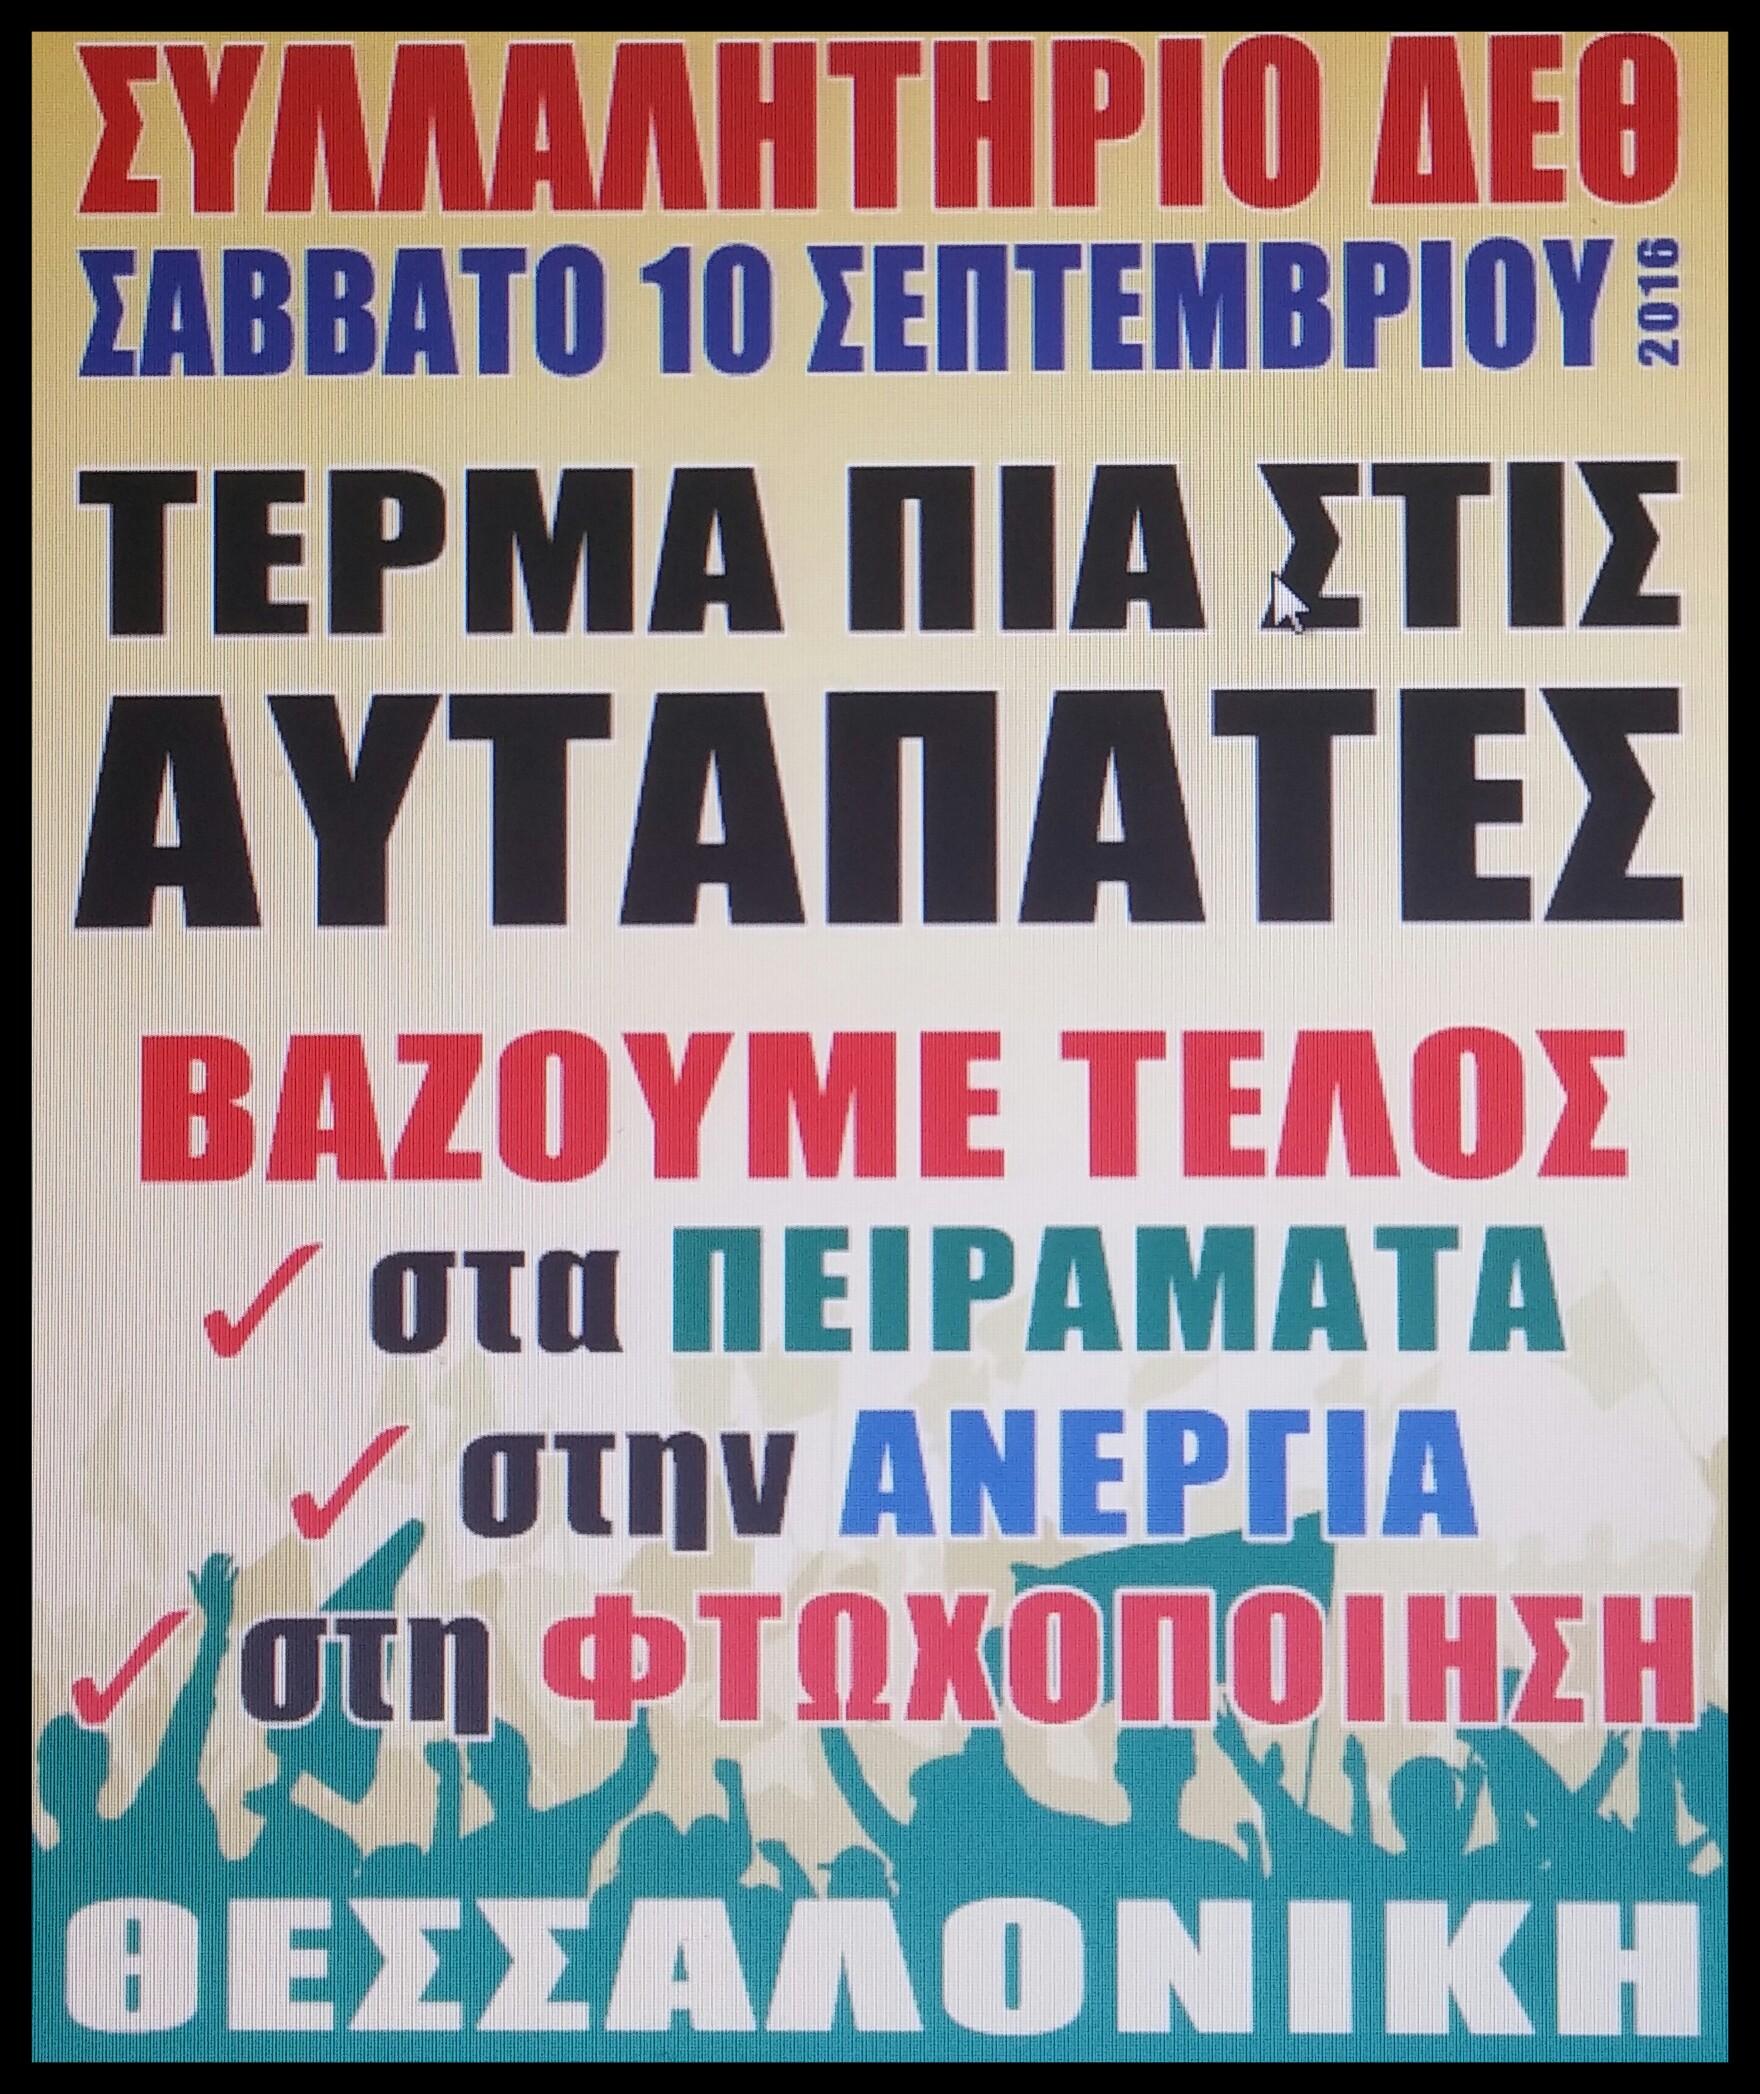 Εκδηλώσεις των Συνδικάτων ενόψει εγκαινίων της 81ης ΔΕΘ, Αγωνιστικό Συλλαλητήριο στις 10/9/2016 ώρα 18:00 στο άγαλμα Βενιζέλου